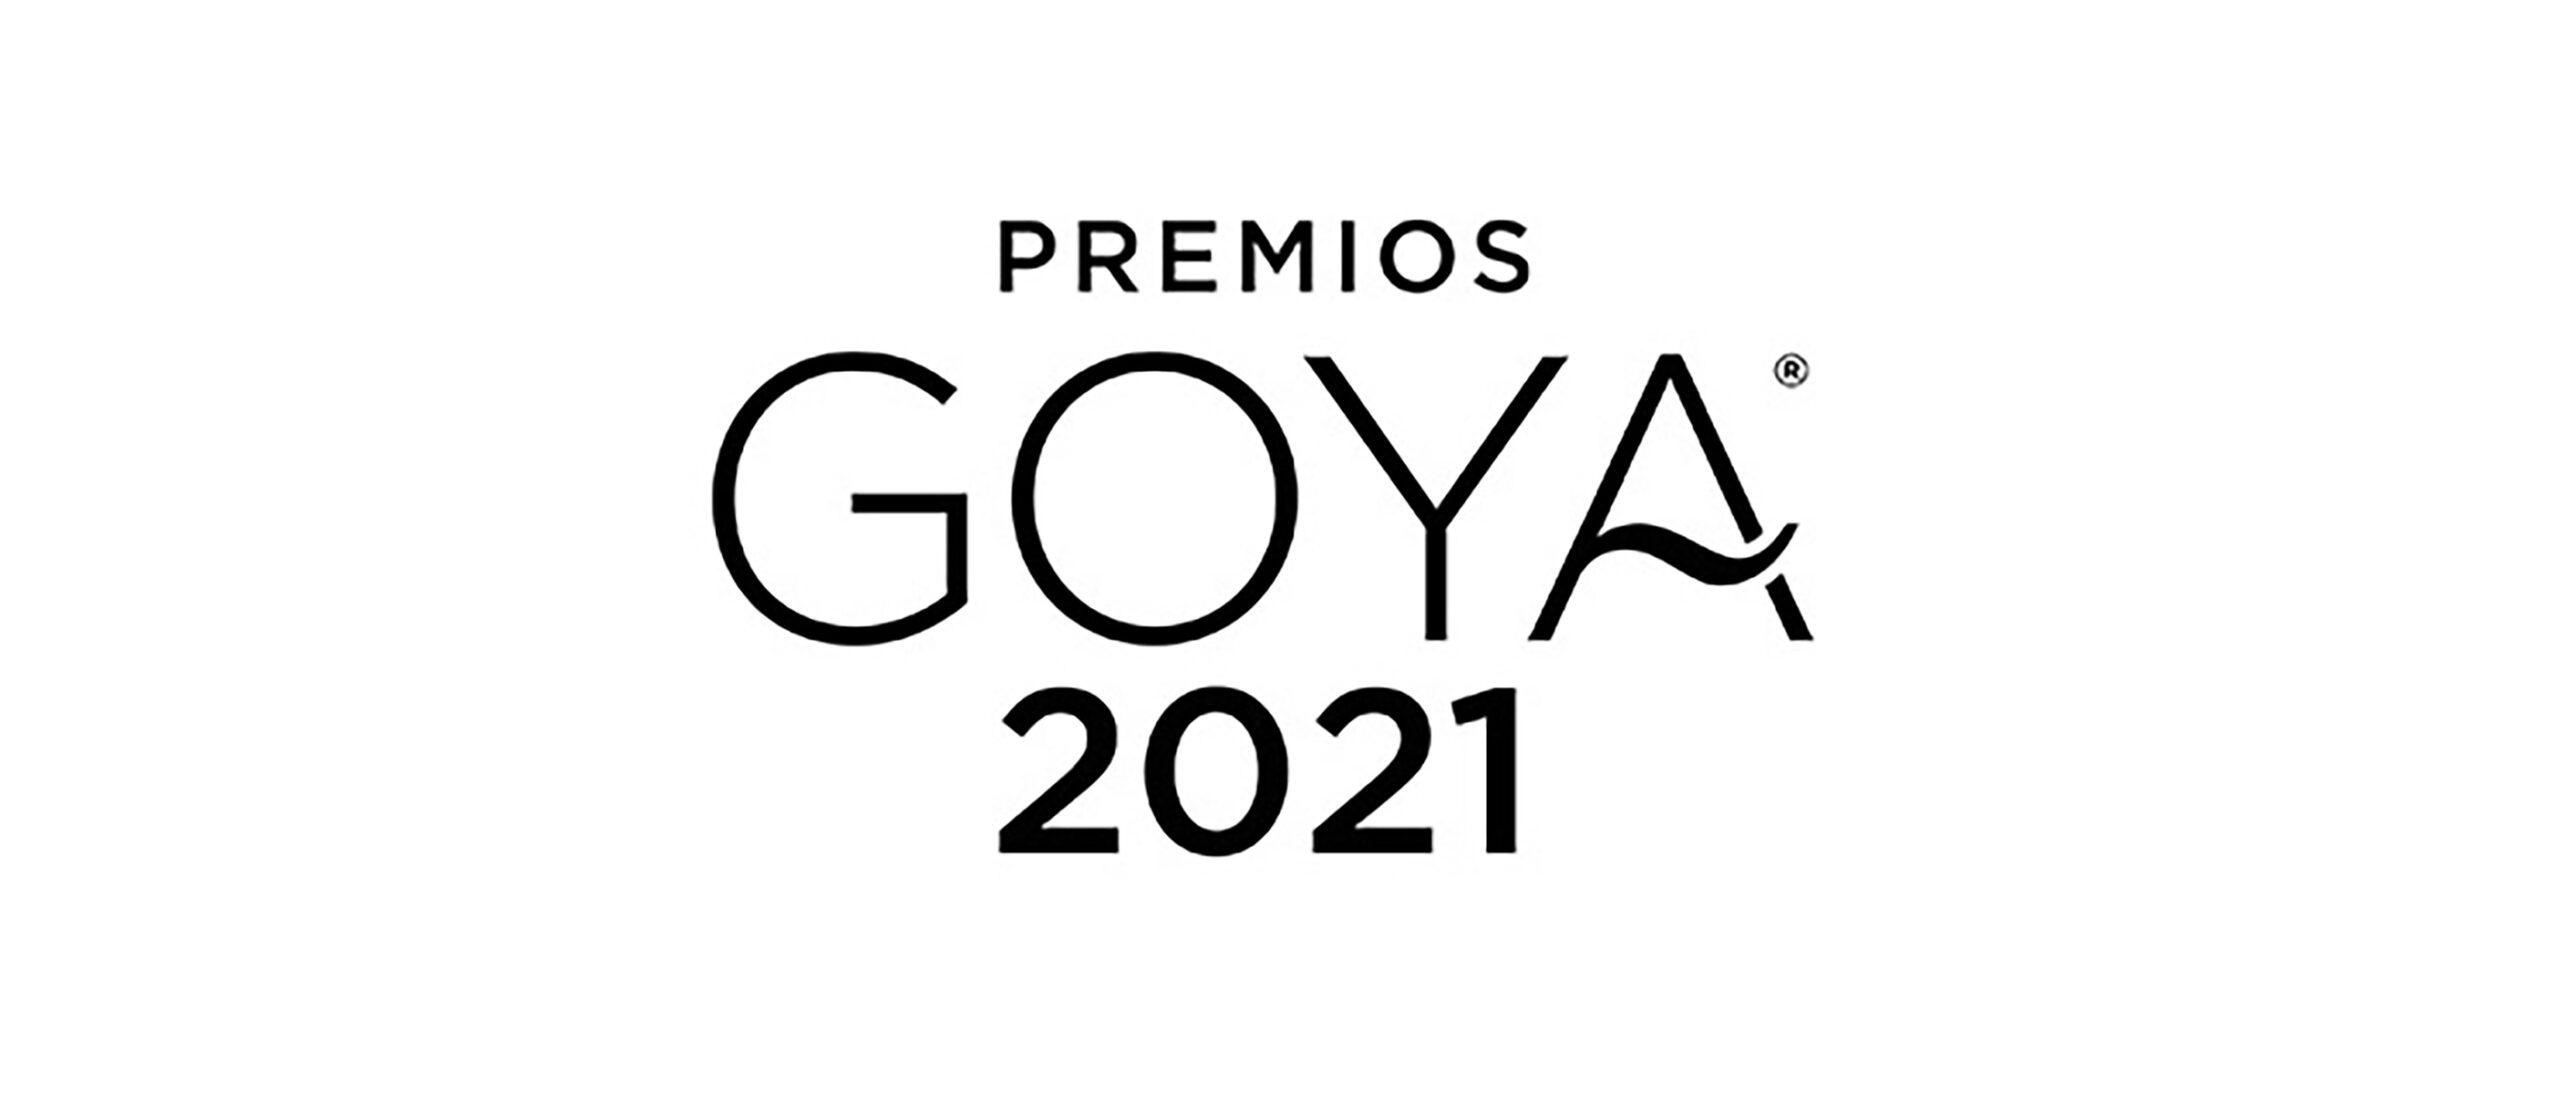 quiniela premios goya 2021 ganadores favoritos